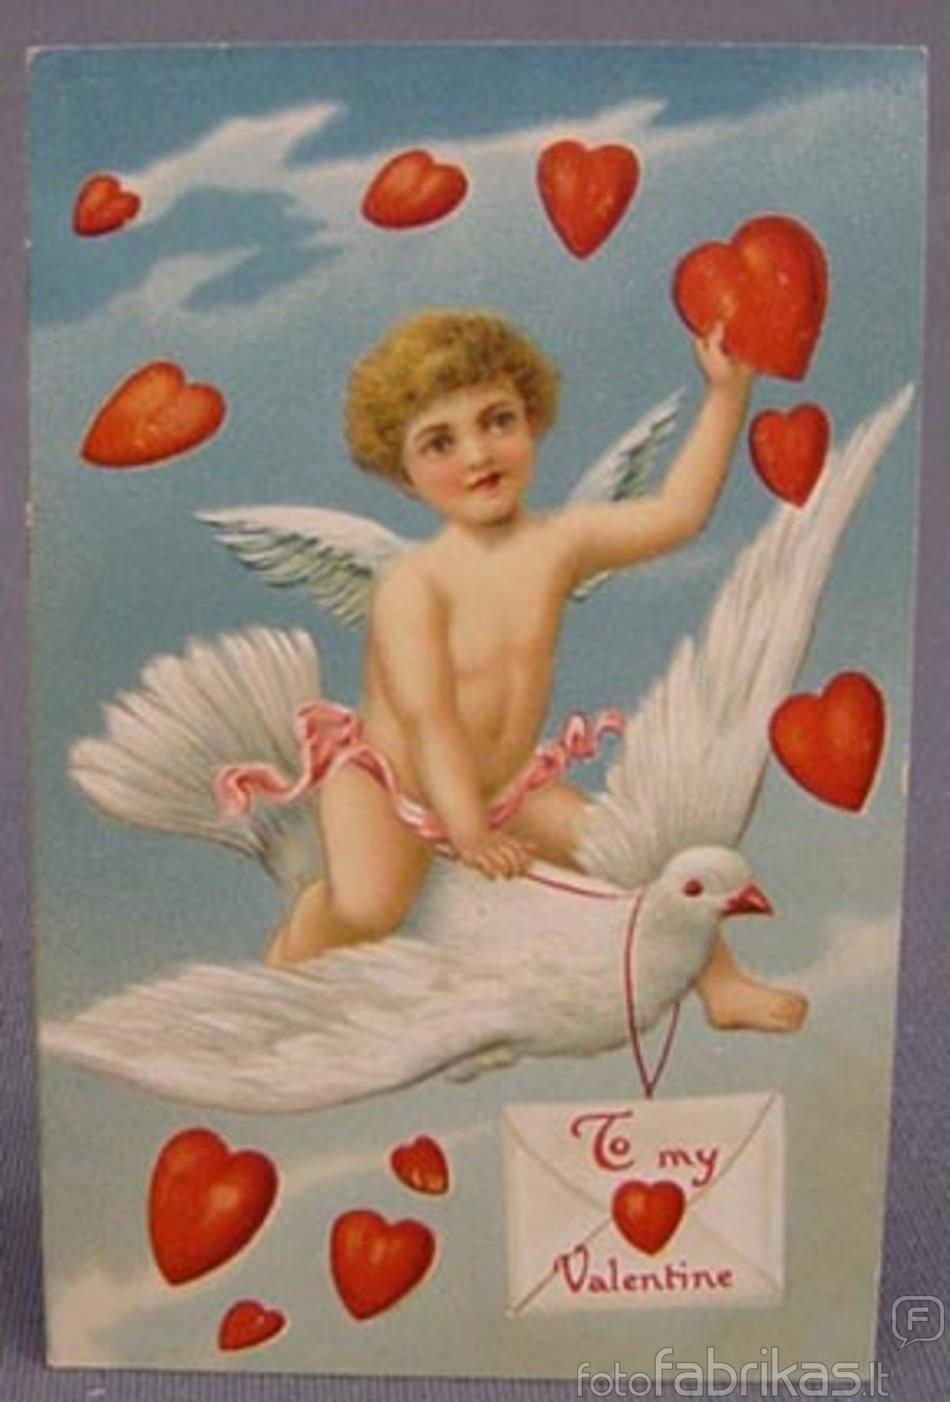 Valentino diena - pavyzdys.jpg